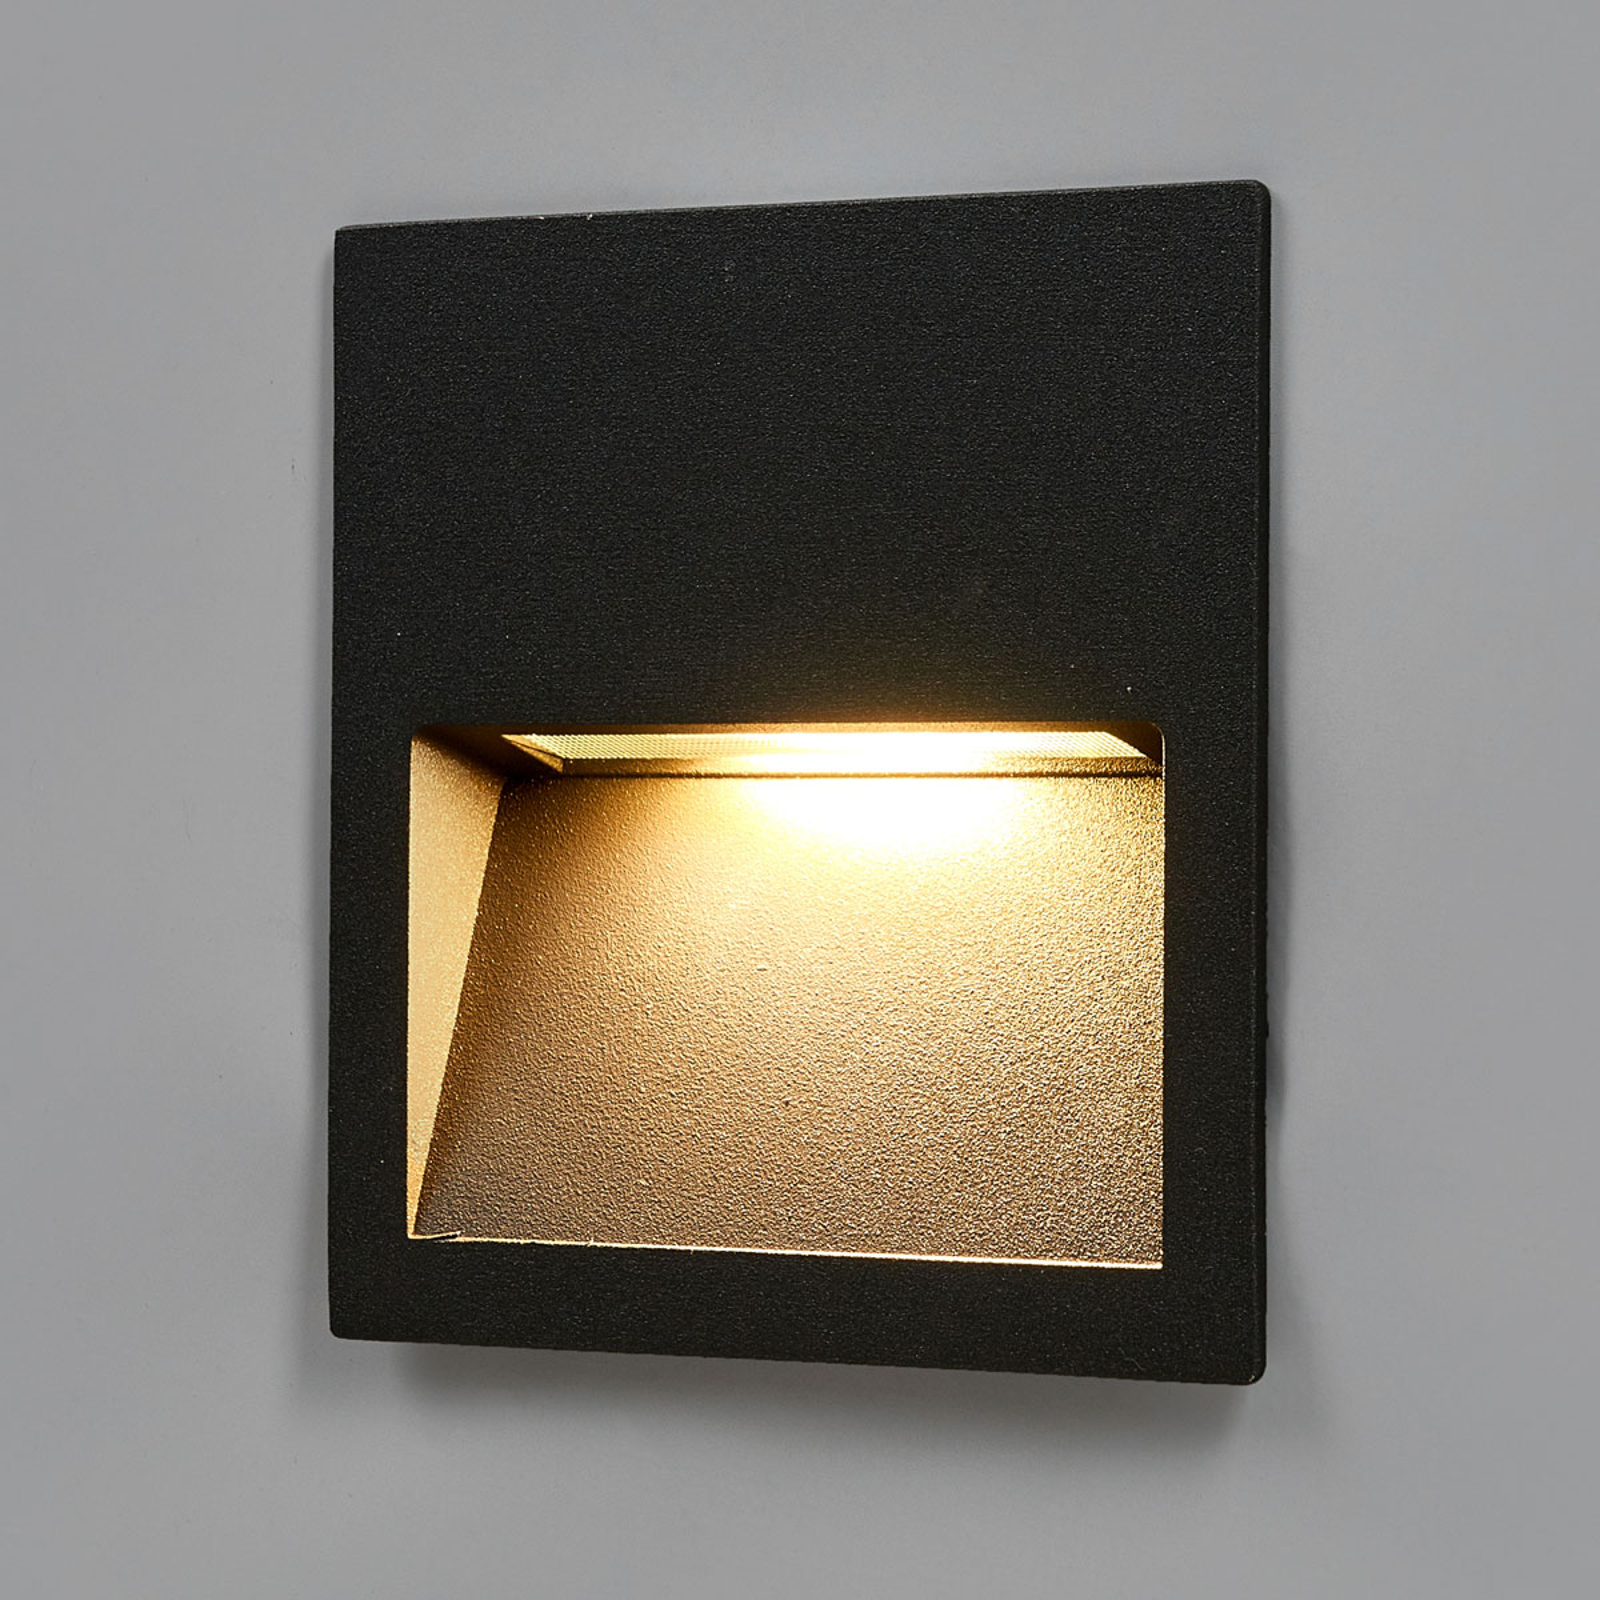 Loya kvadratisk utendørs LED innfellingsvegglampe